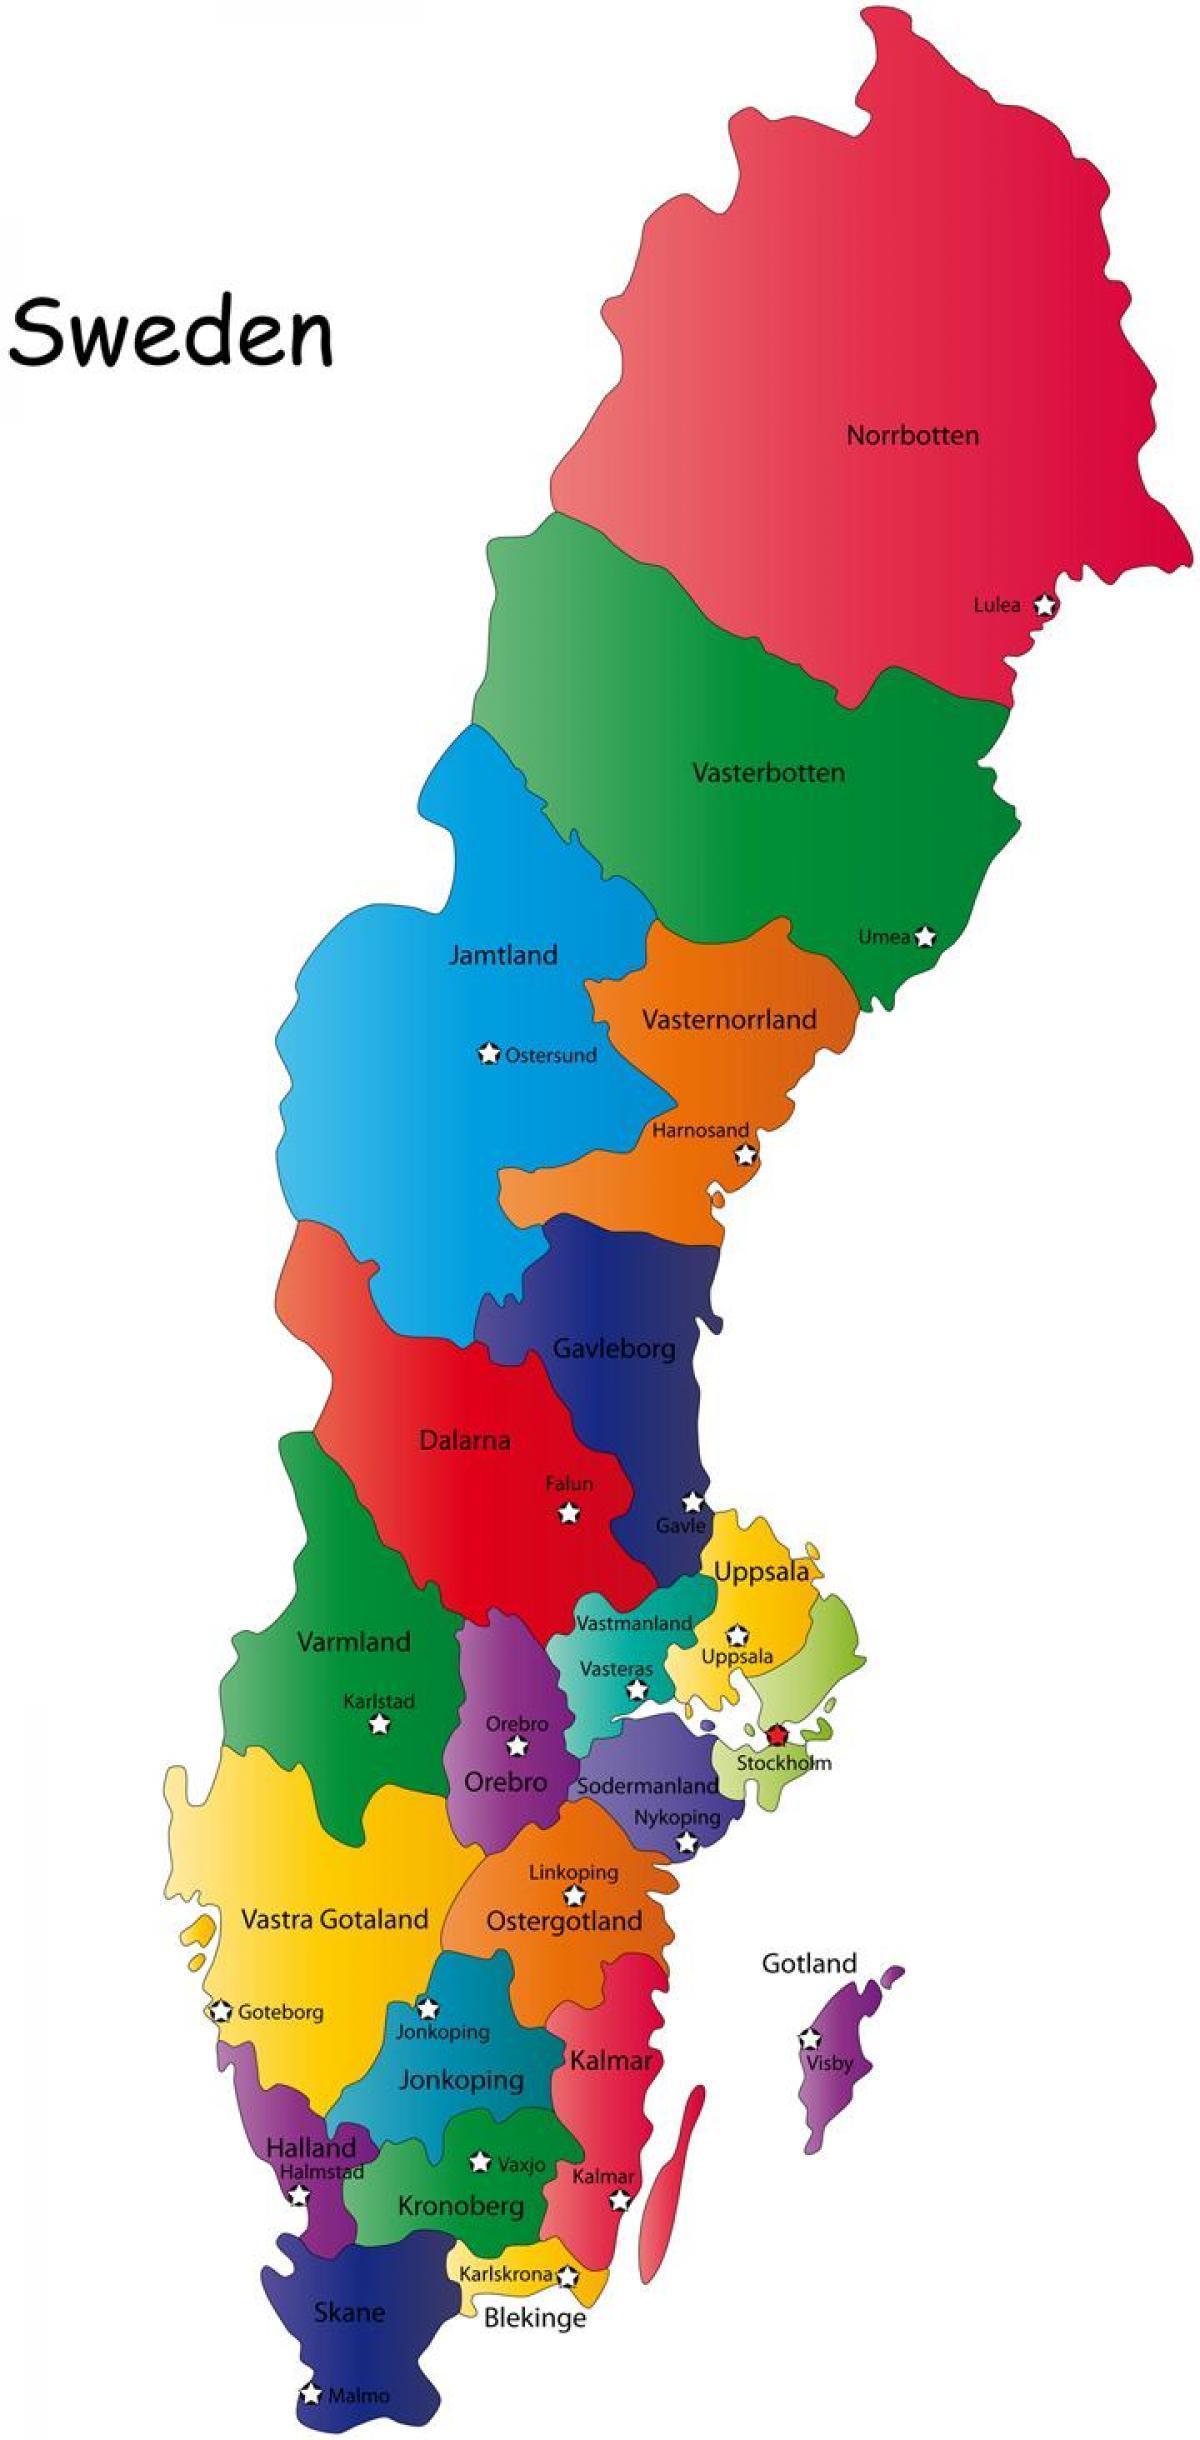 fylker i sverige kart Sverige kart fylker   Kart av svenske fylkene (Nord Europa   Europa) fylker i sverige kart